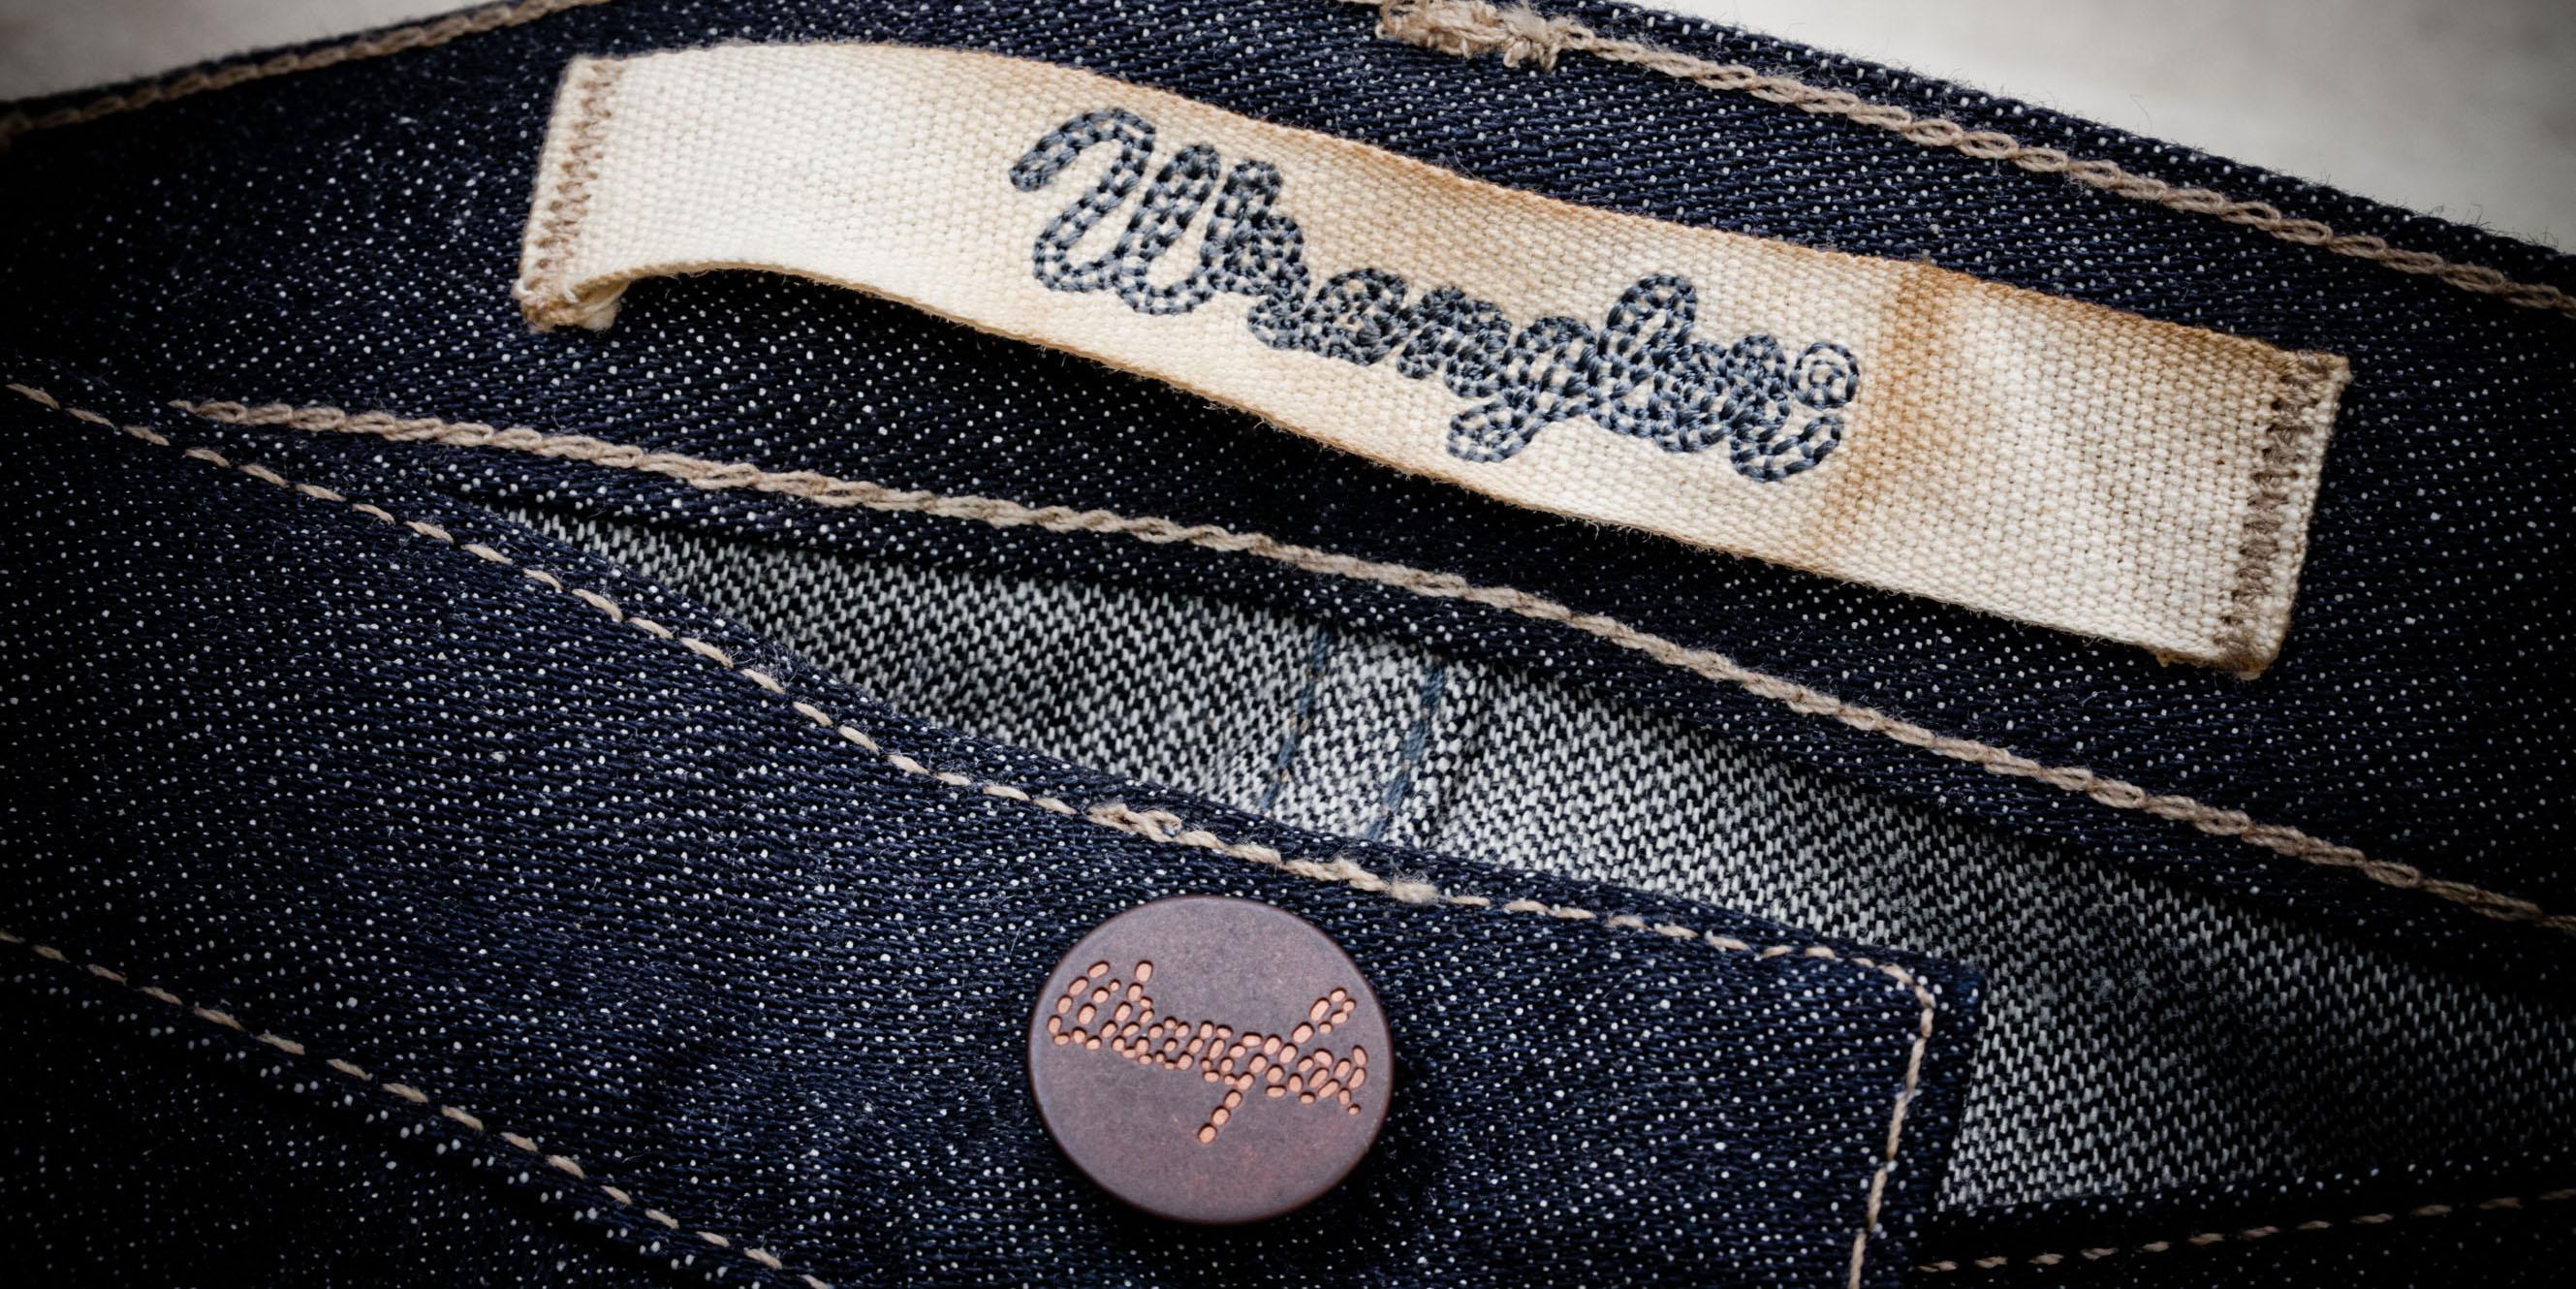 Die Wrangler Jeans Geschichte mit C.C. Hudson erleben